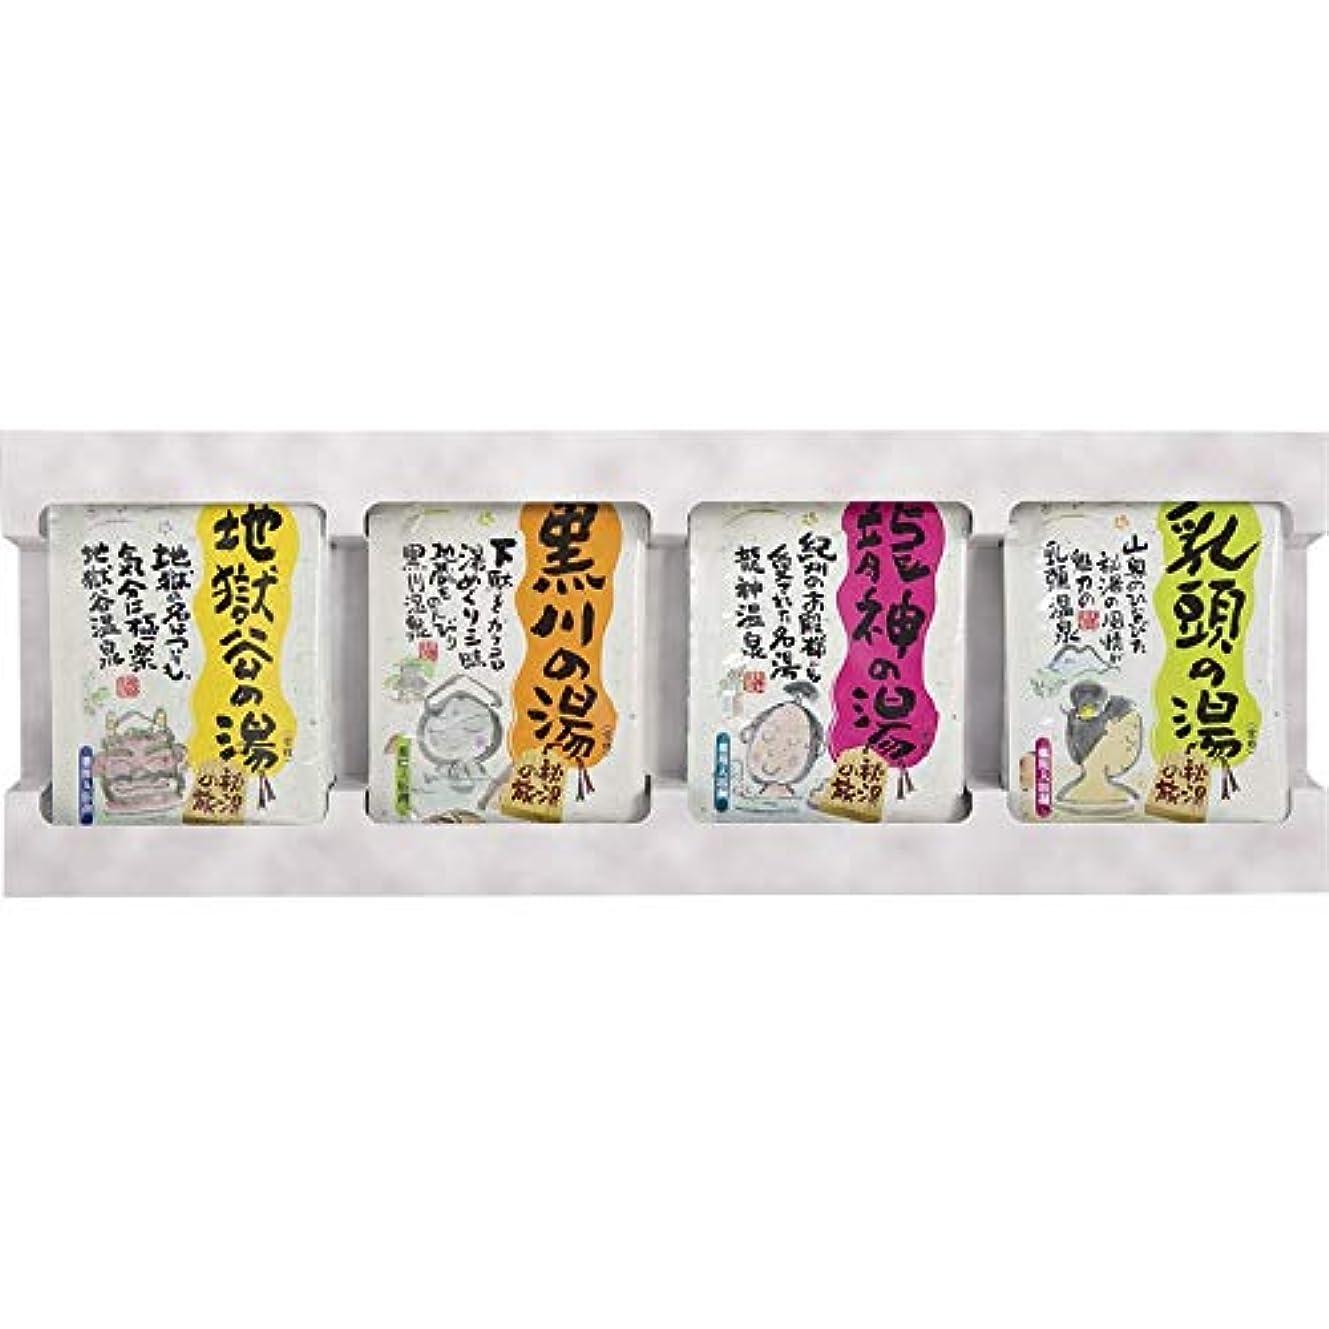 逸脱ずるい招待薬用入浴剤秘湯の旅10P PH-10P 【やくようにゅうよくざい ひとうのたび 日本製 国産 せっと セット 10包 】